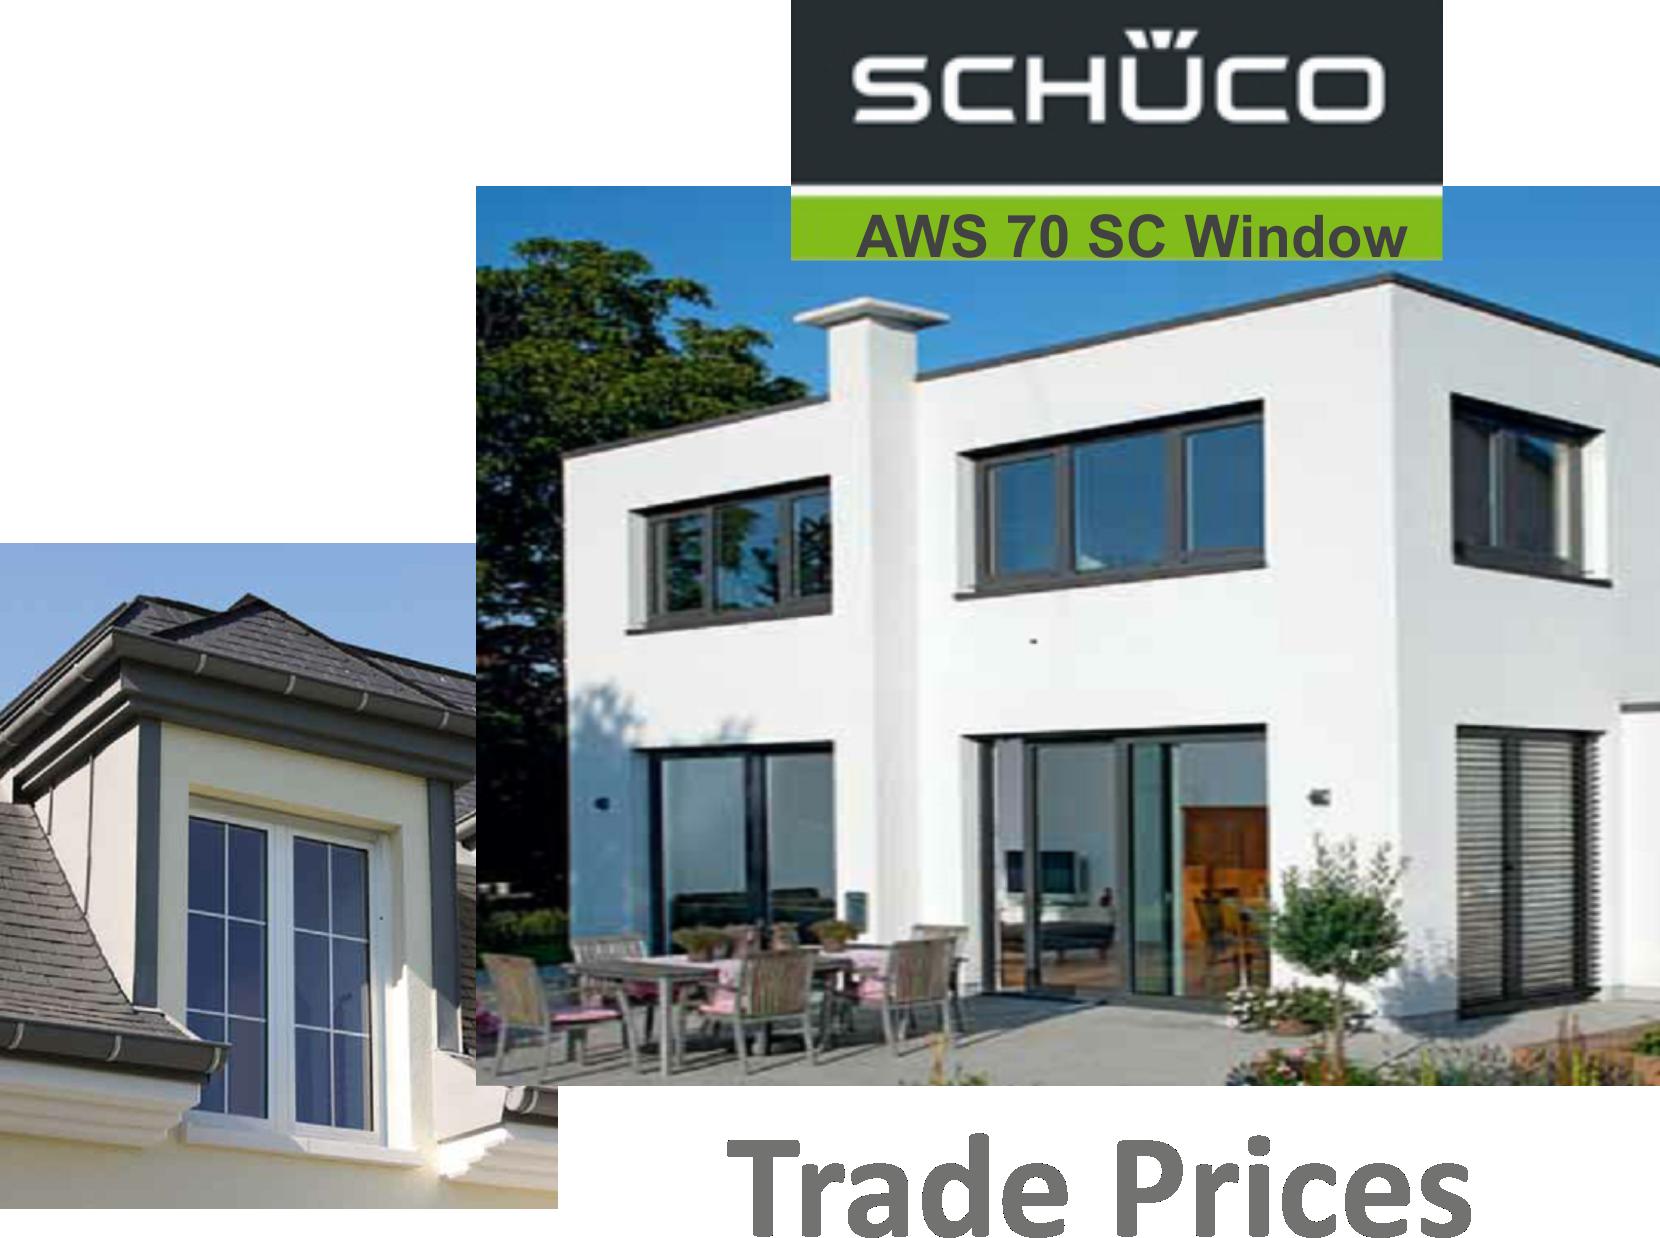 Schuco AWS 70 SC Window